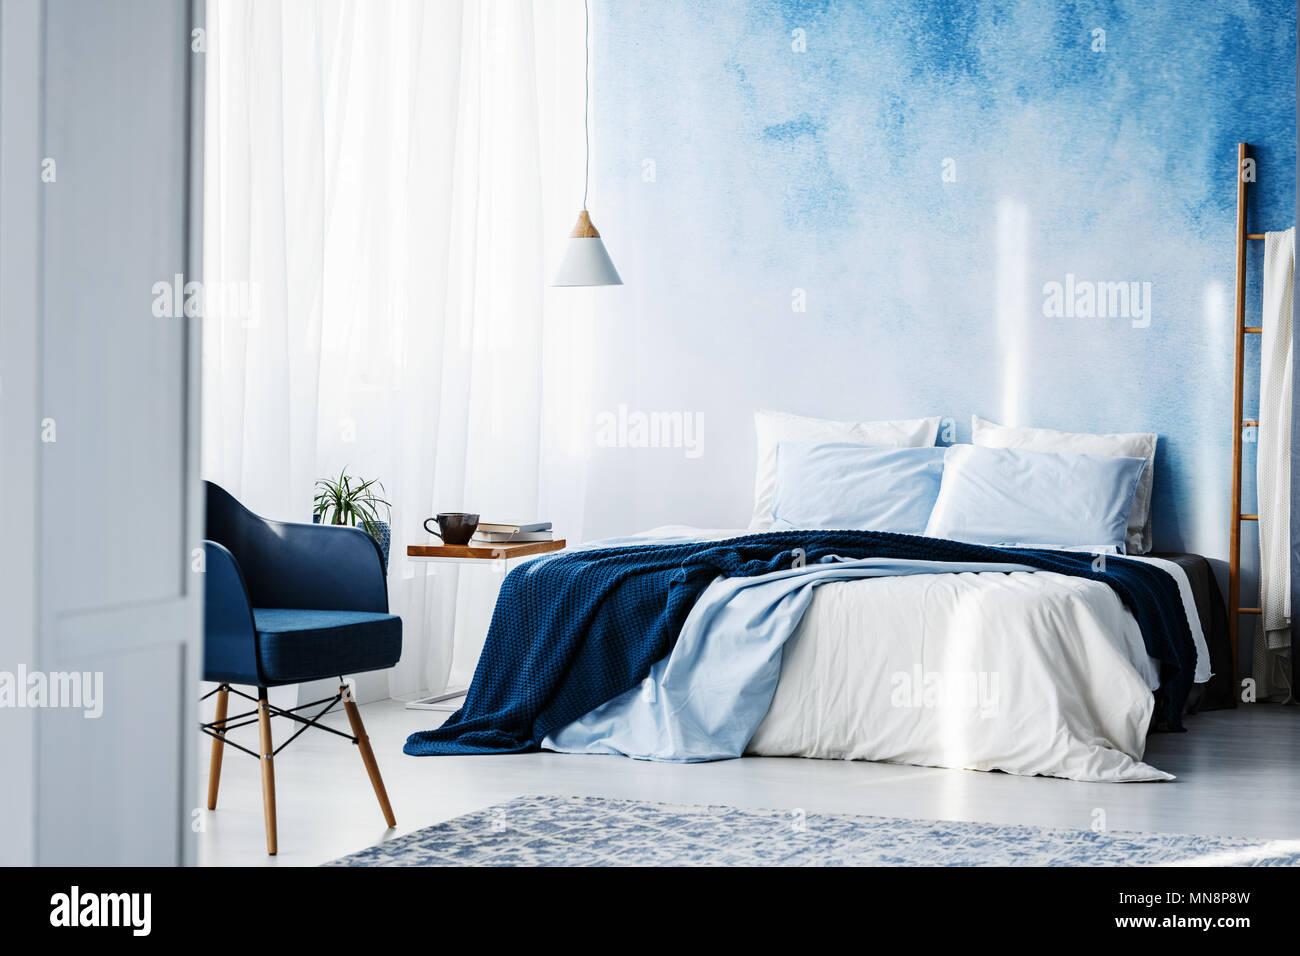 Navy Blue poltrona e letto king size con coperte e cuscini in una ...